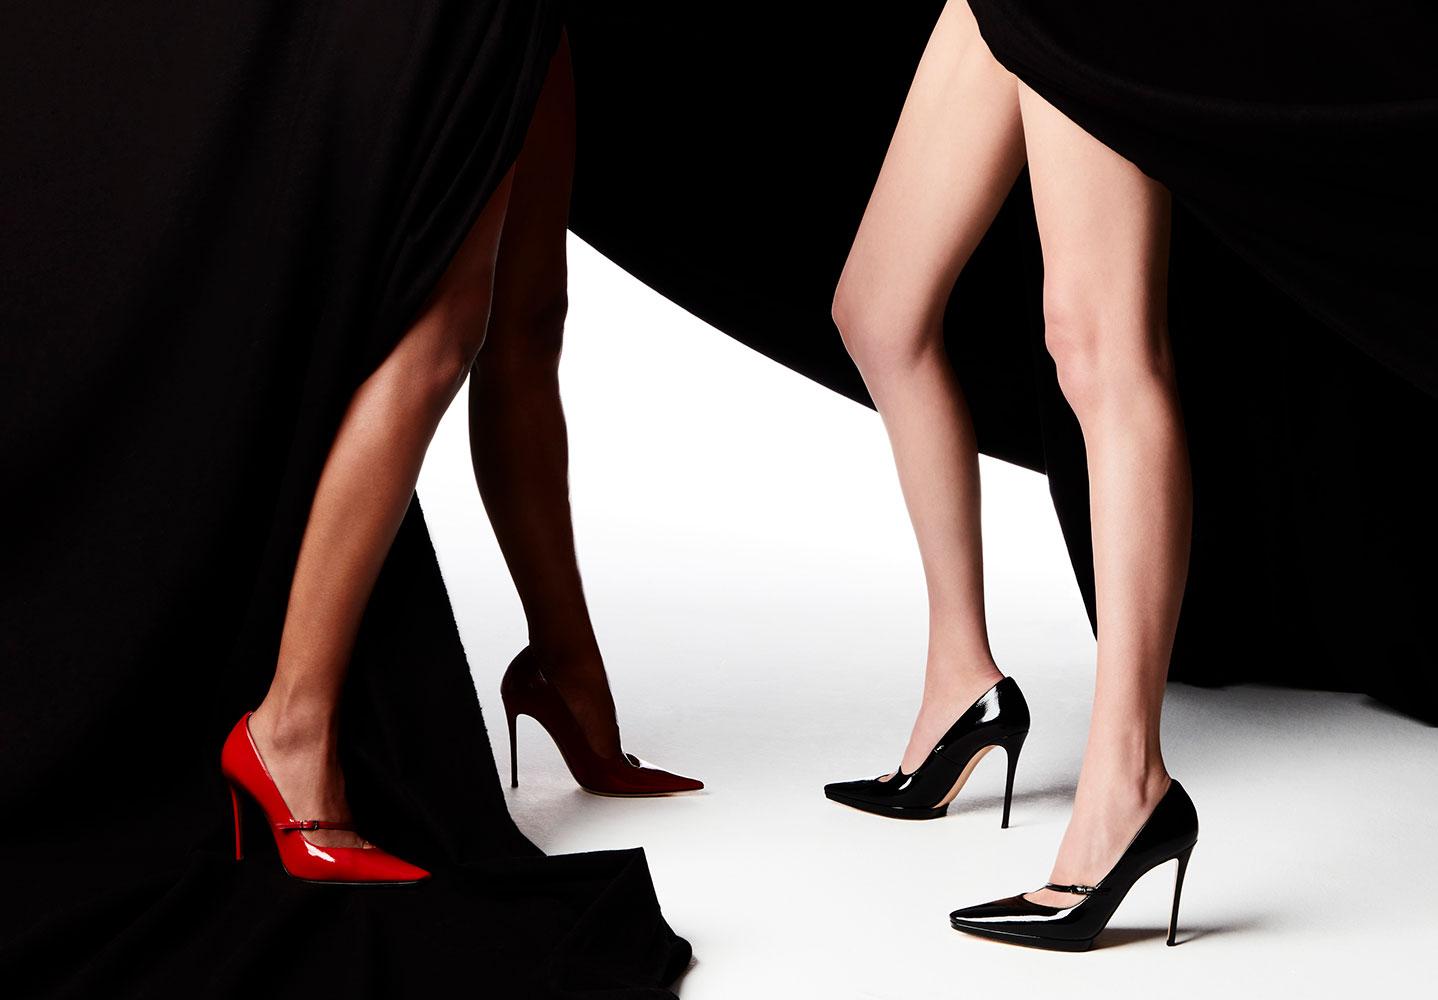 Làm sao để bớt cảm giác đau chân khi mang giày cao gót?